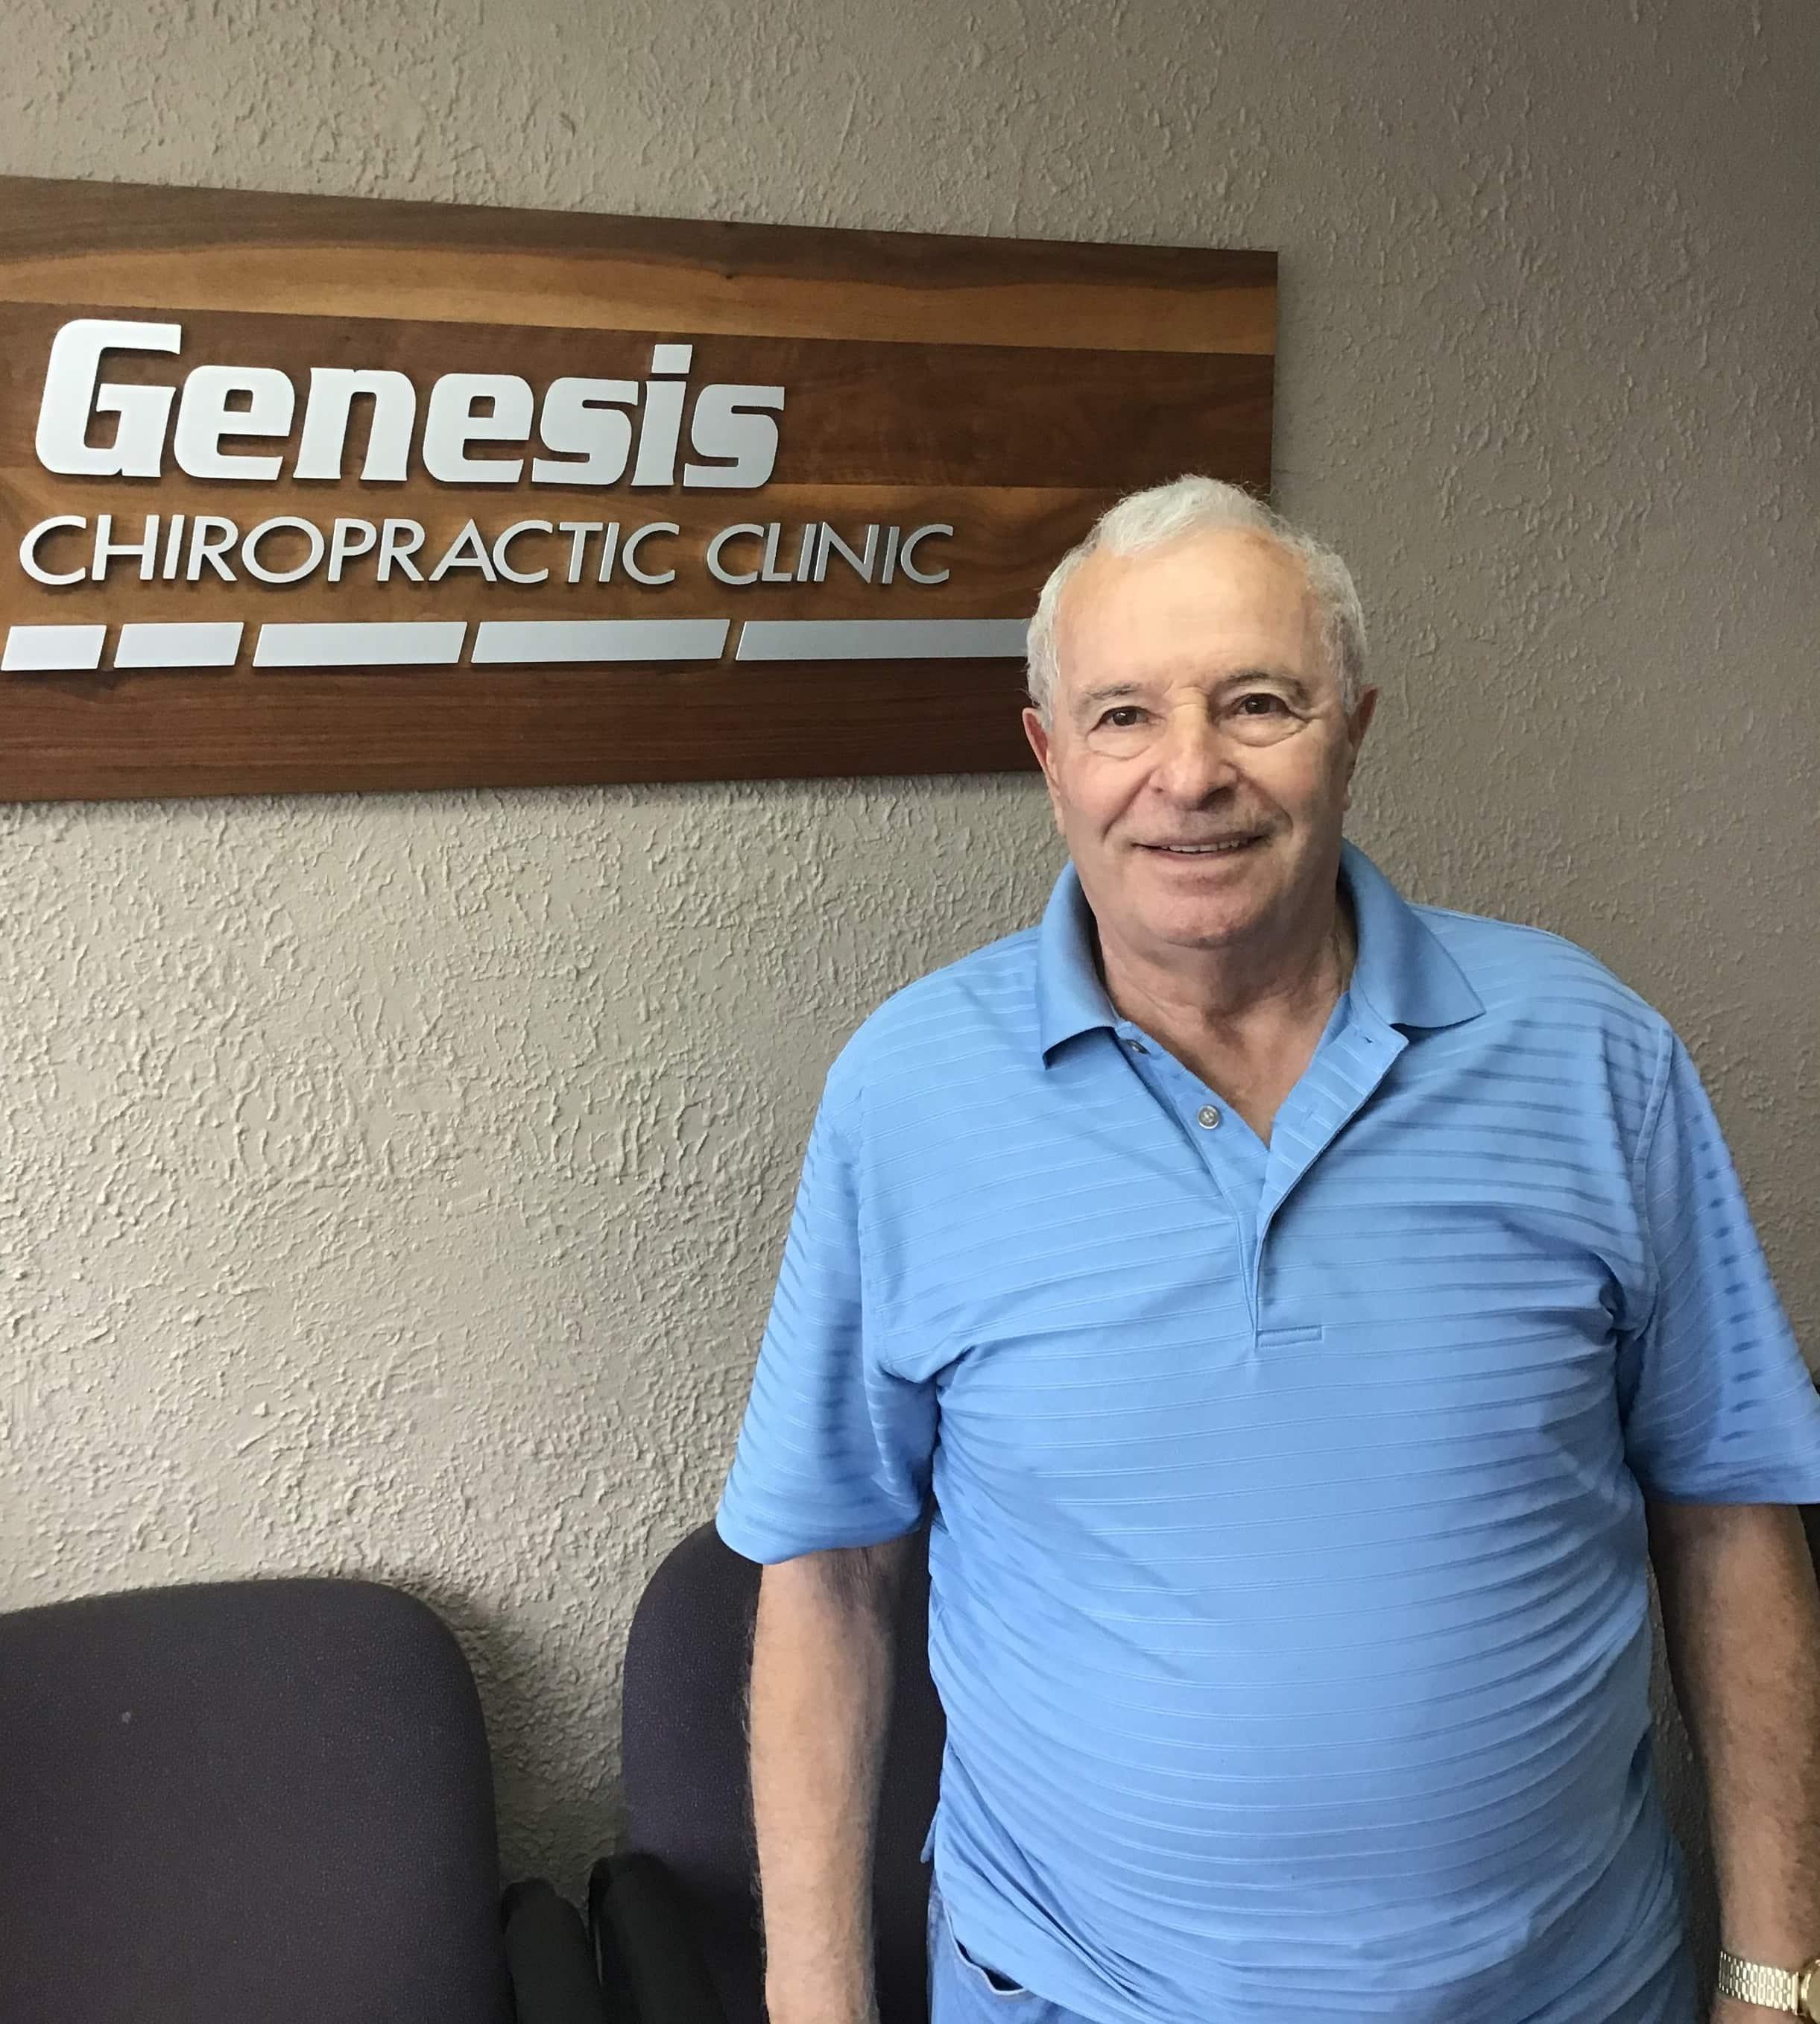 Genesis Chiropractic Patient - Guy